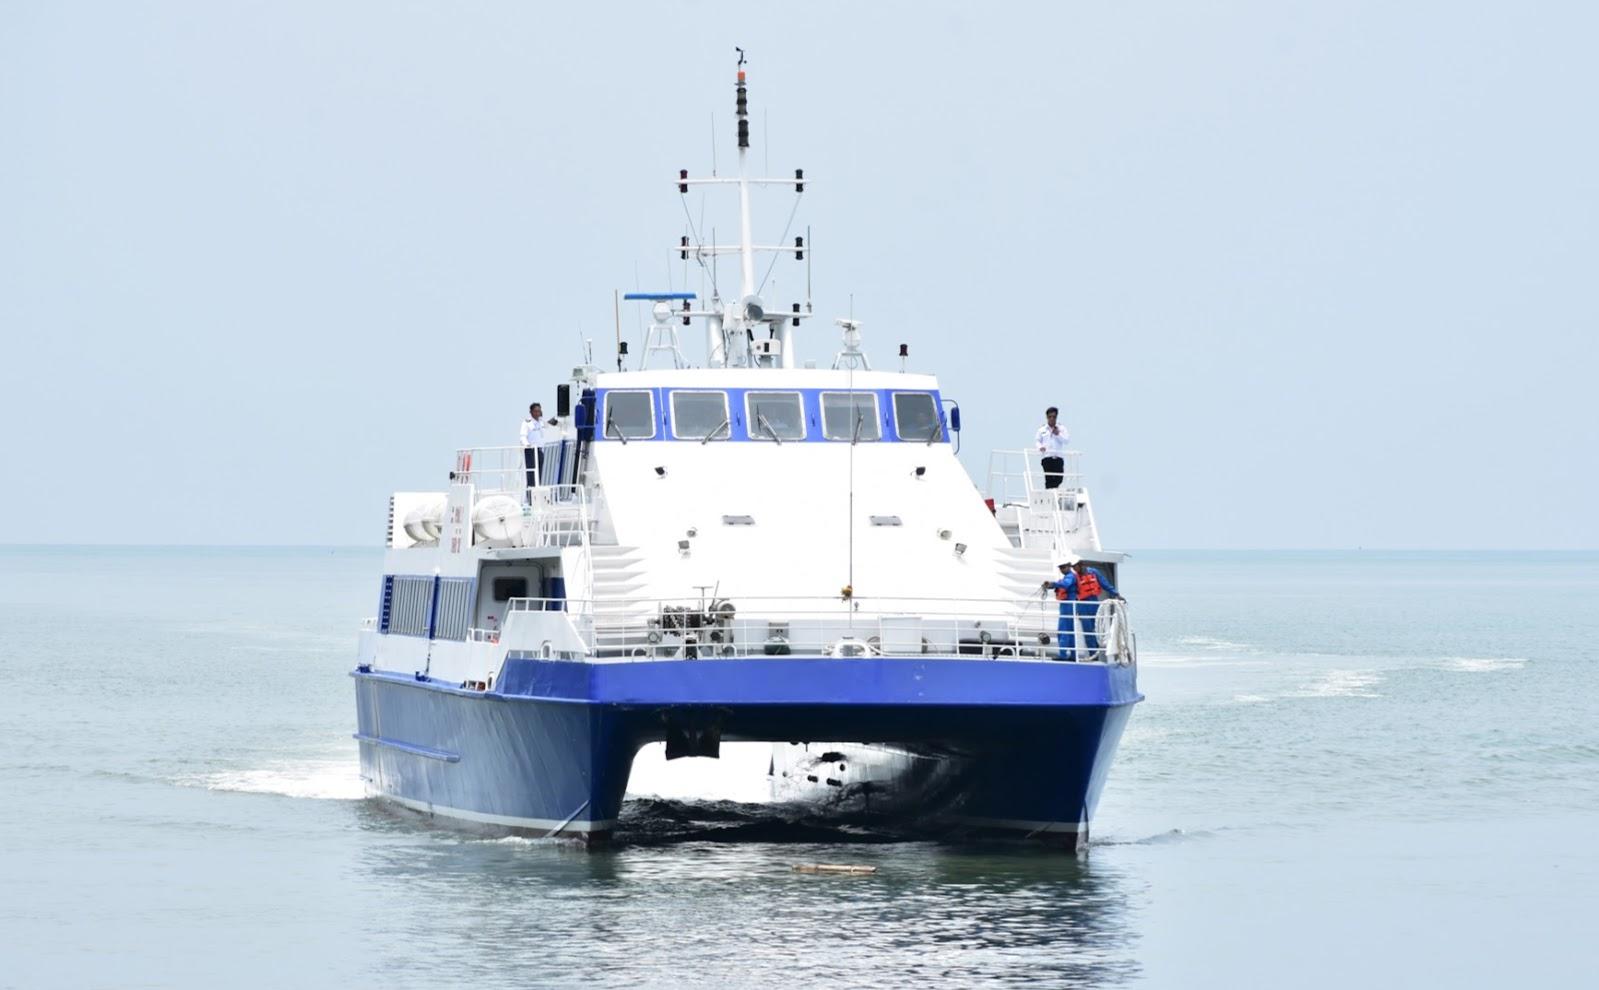 From Hua Hin to Pattaya by Royal Passenger Catamaran